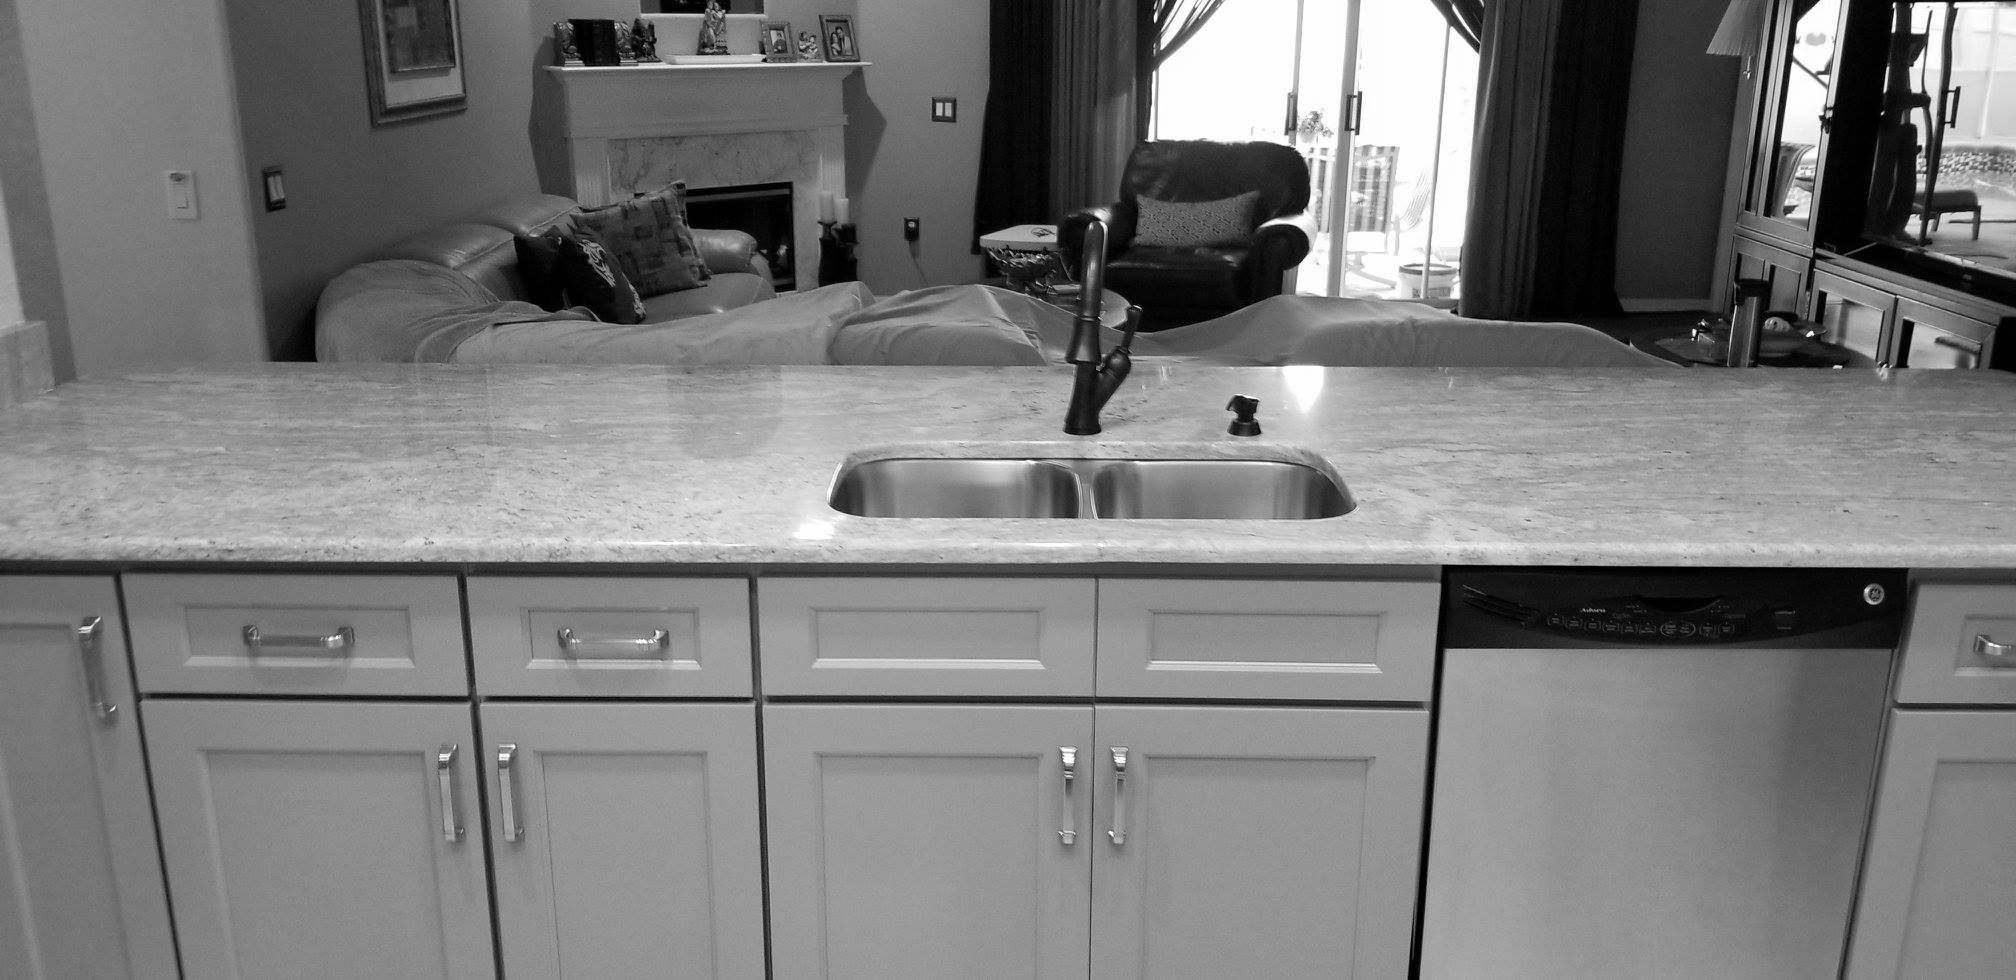 New River Supreme Kitchen Countertops Countertops Kitchen